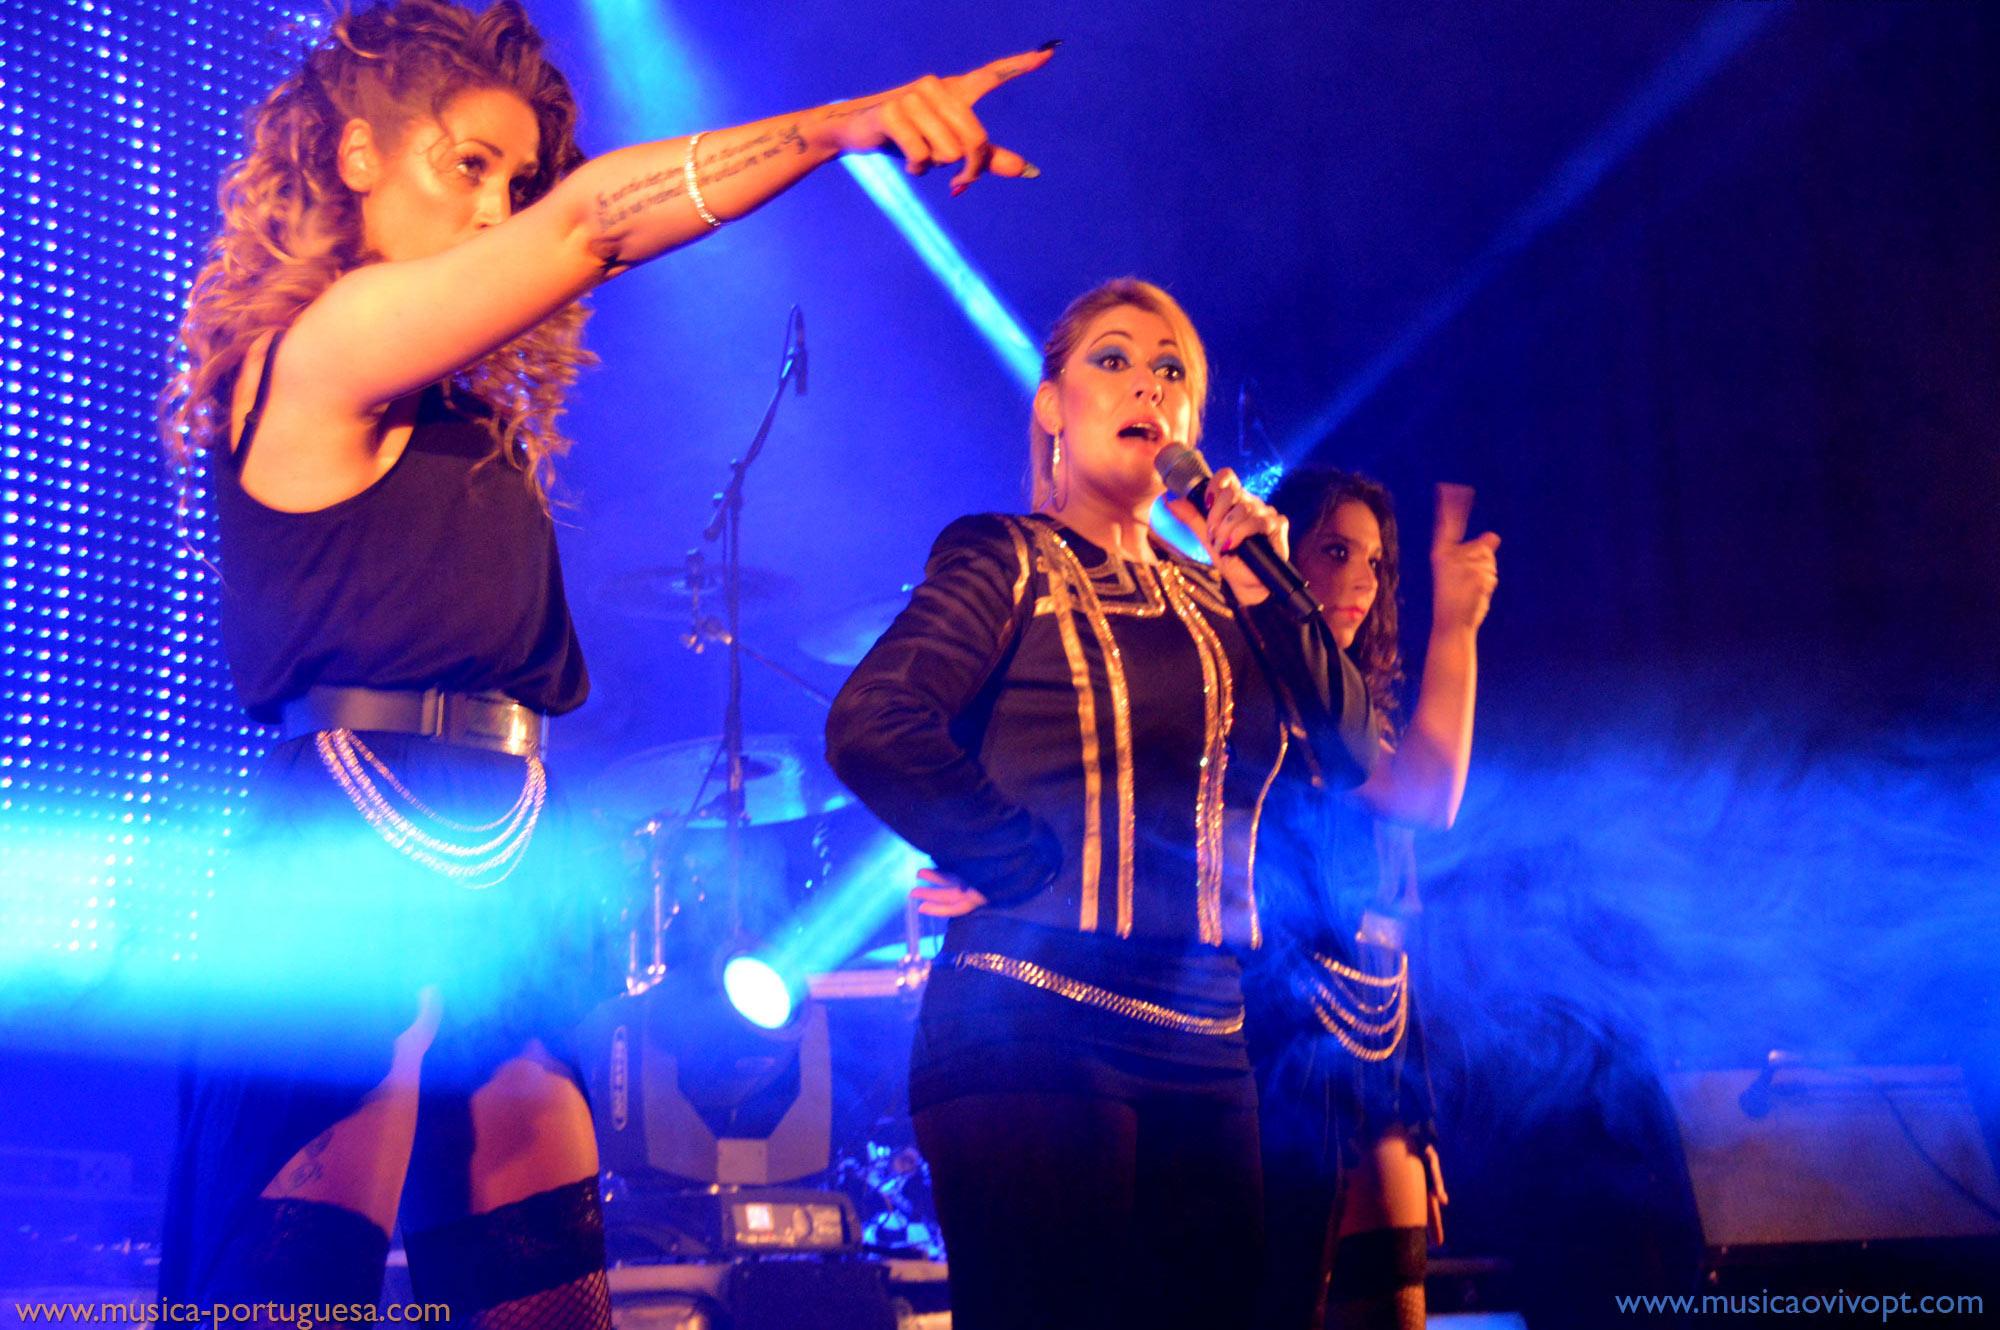 Rebeca, Rebeca ao vivo, cantora Rebeca, Artista Rebeca, Contactos da Rebeca, Artistas, musica portuguesa, artistas